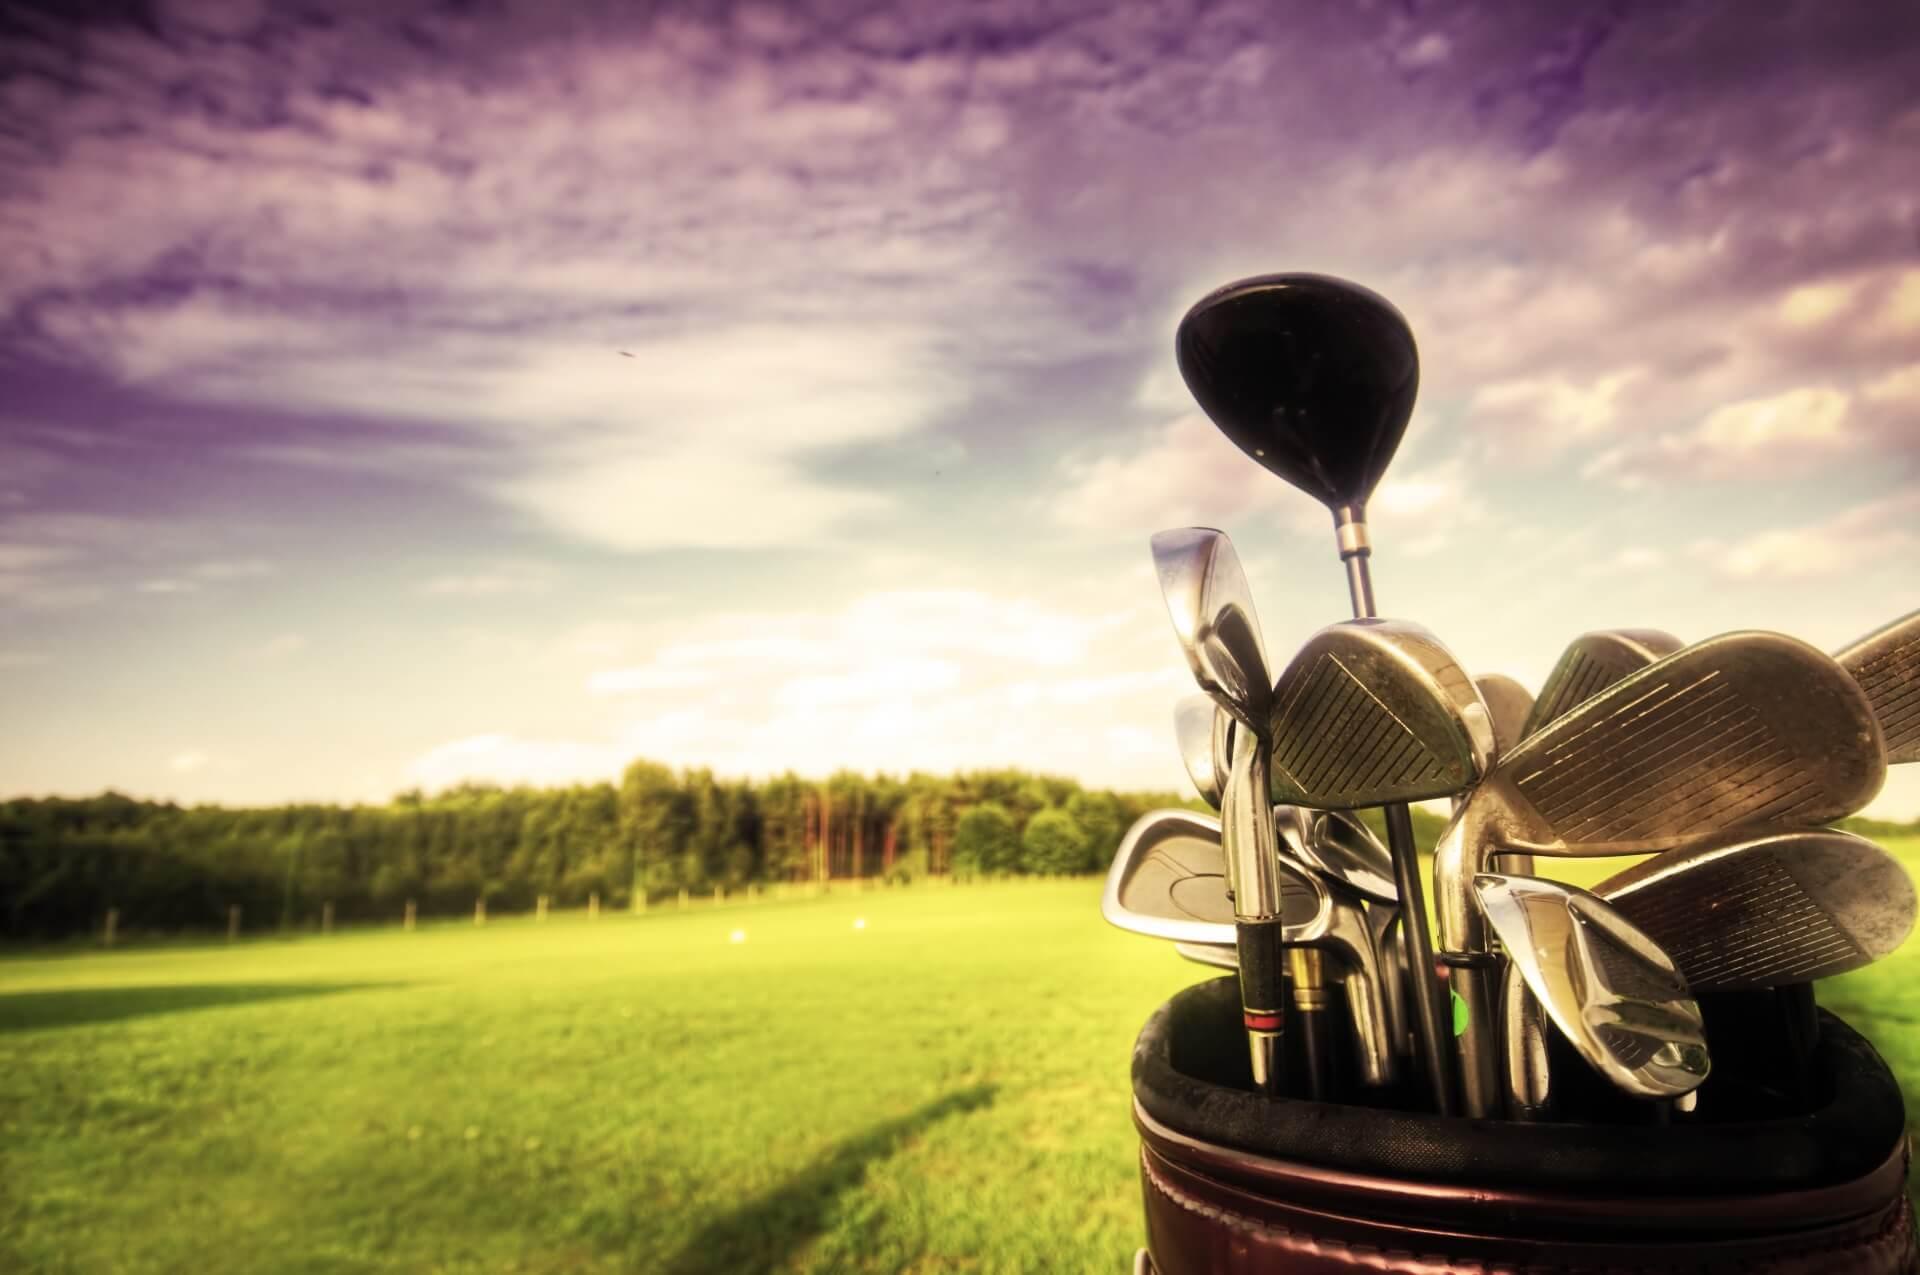 Golf Hintergrund Bild